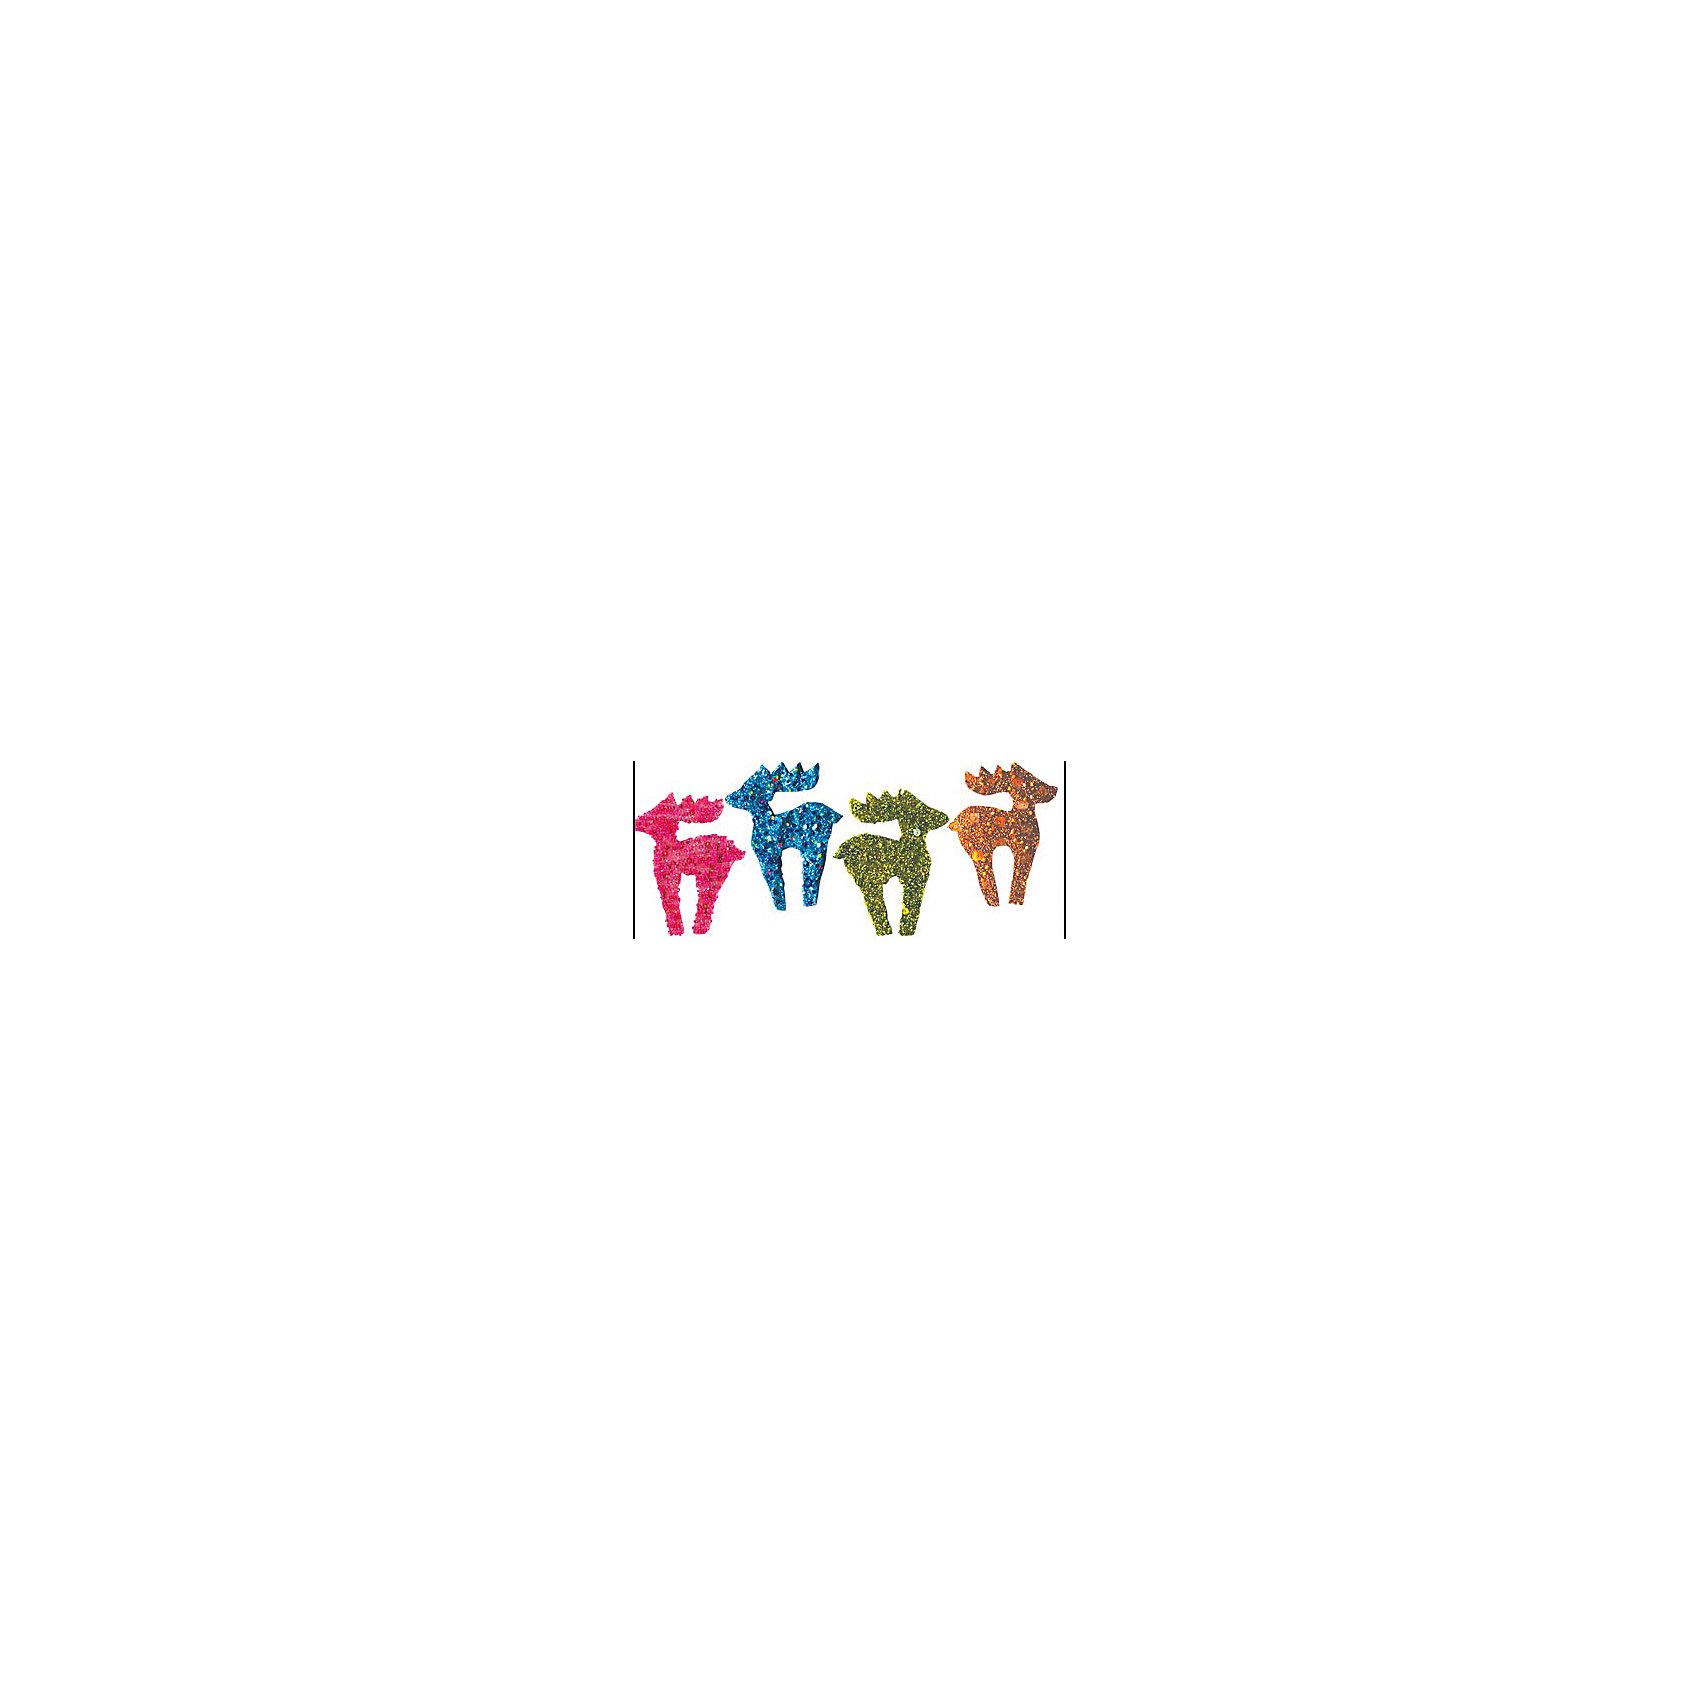 Marko Ferenzo Набор украшений Олененок 11 см, 4 шт marko ferenzo набор желудей 3 шт grande 4 см золотой